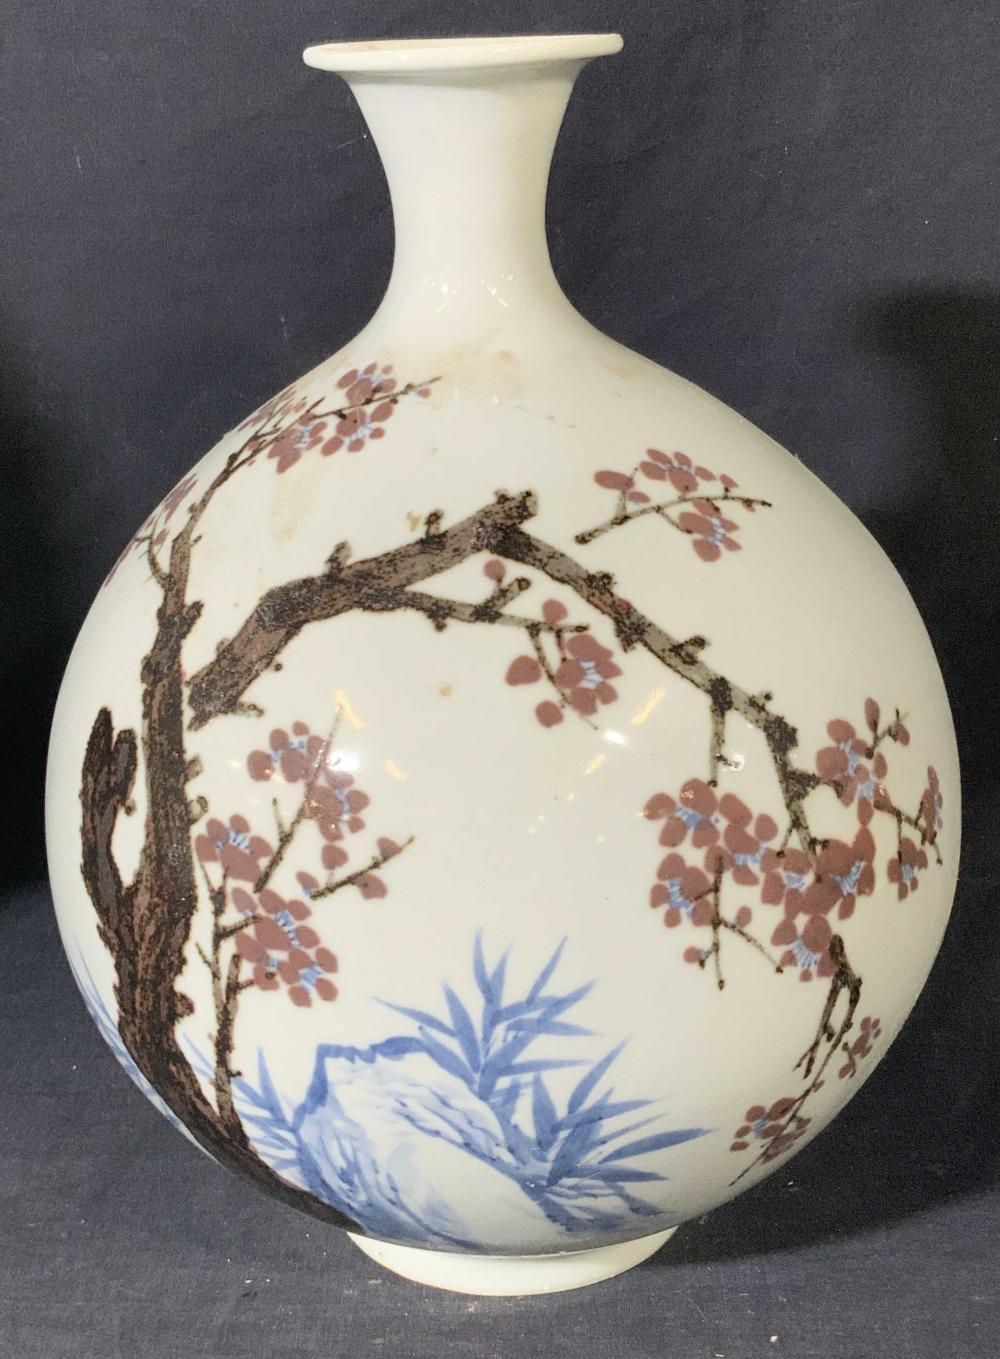 Vintage Signed Asian Porcelain Vase, Korea